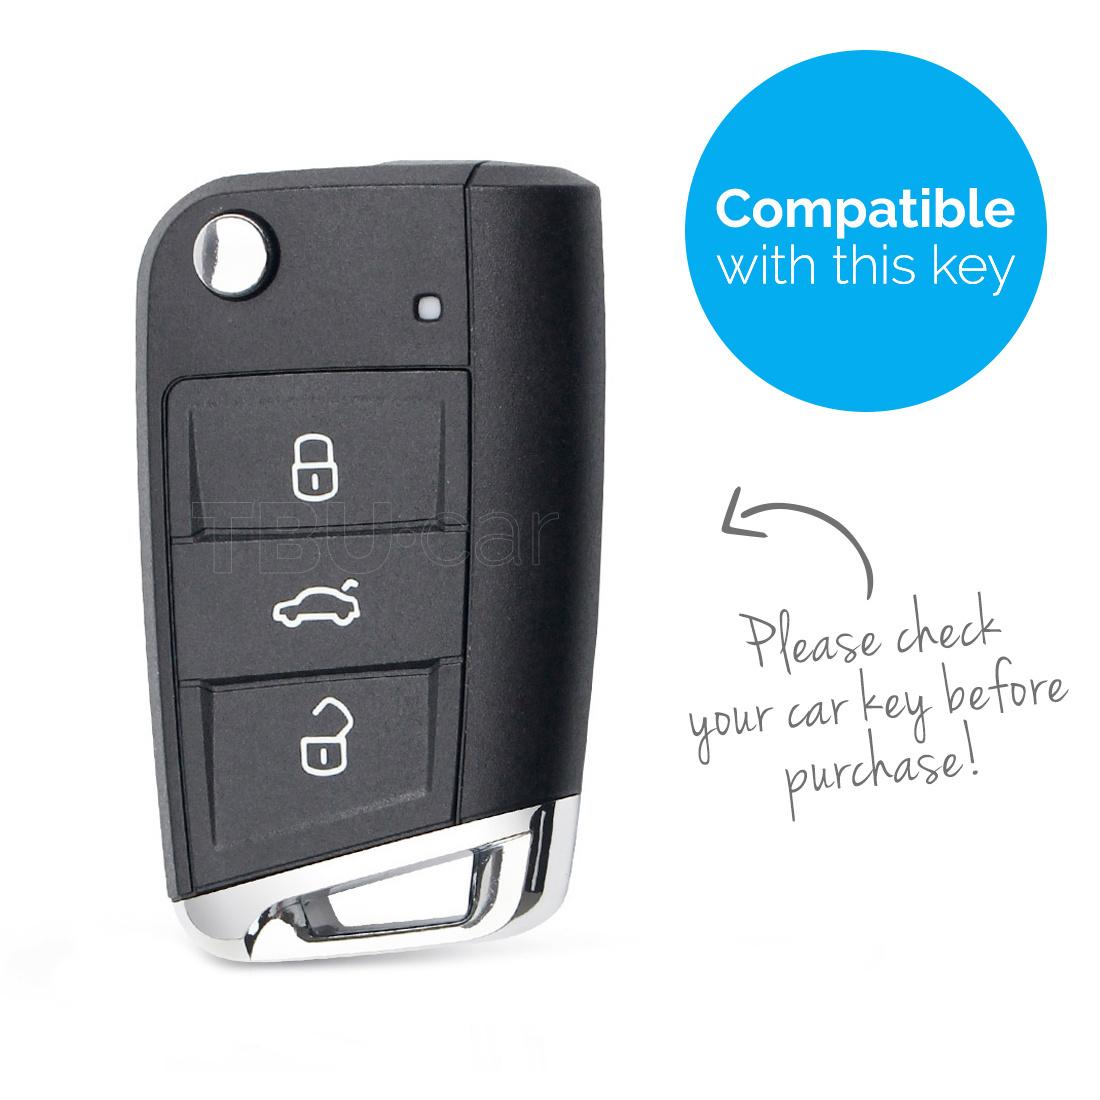 TBU car Autoschlüssel Hülle für Audi 3 Tasten - Schutzhülle aus Silikon - Auto Schlüsselhülle Cover in Im Dunkeln leuchten